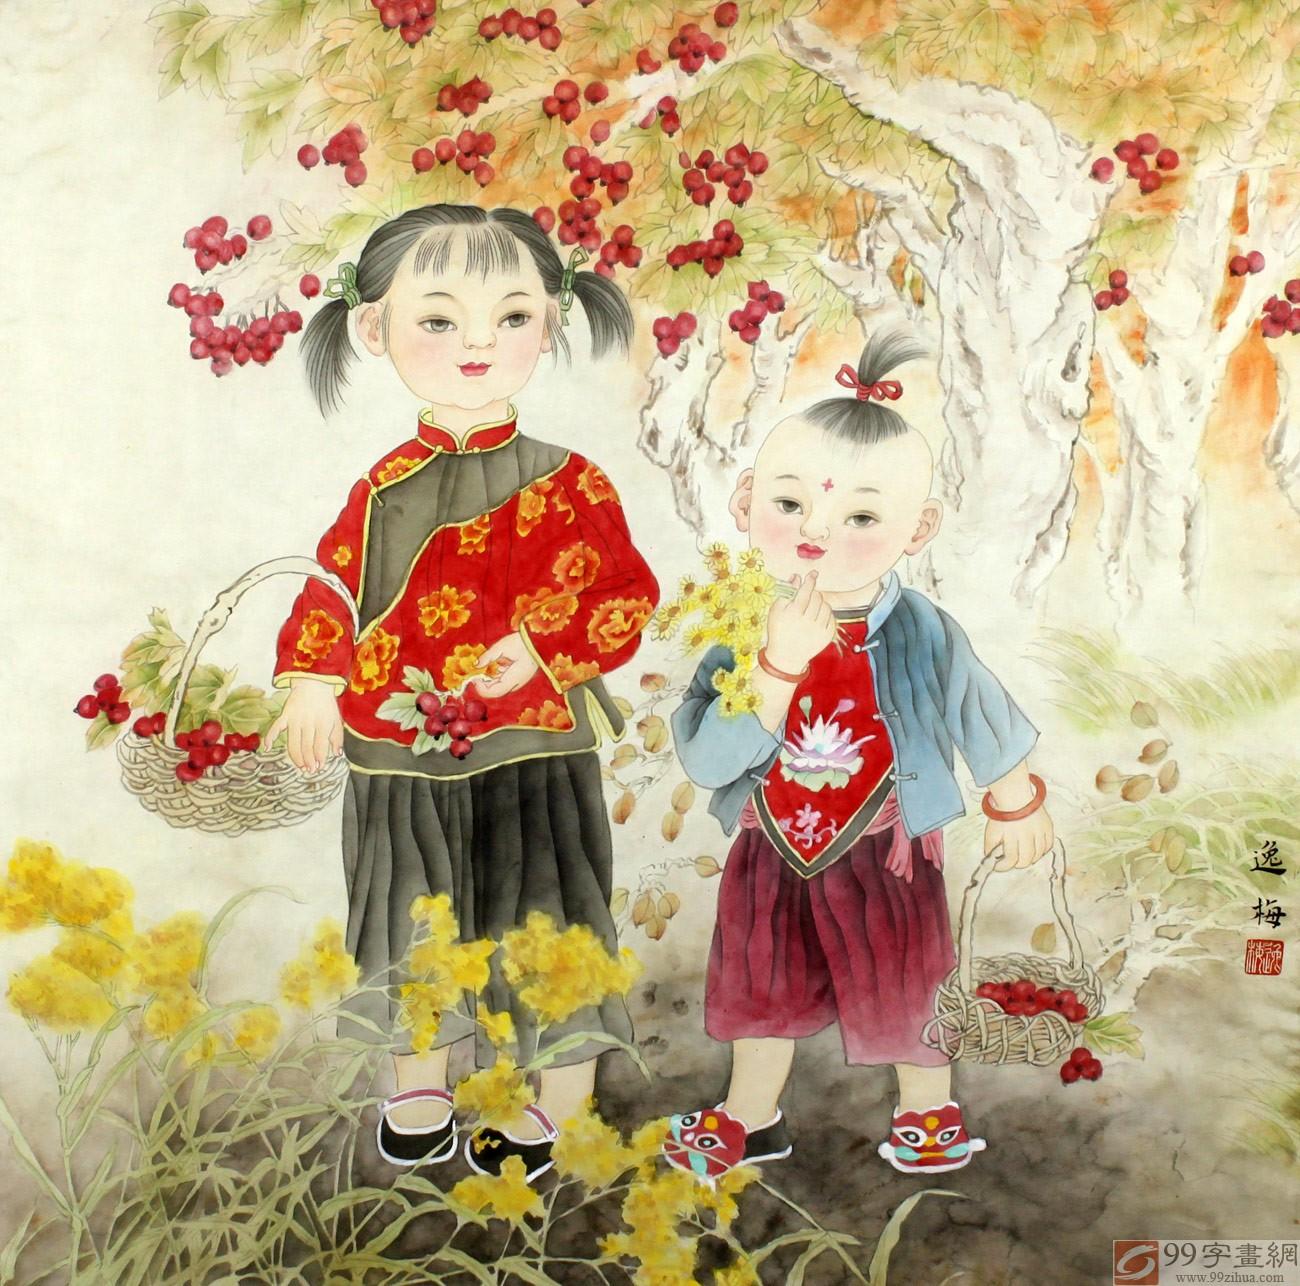 客厅童年趣味画 - 人物画 - 99字画网